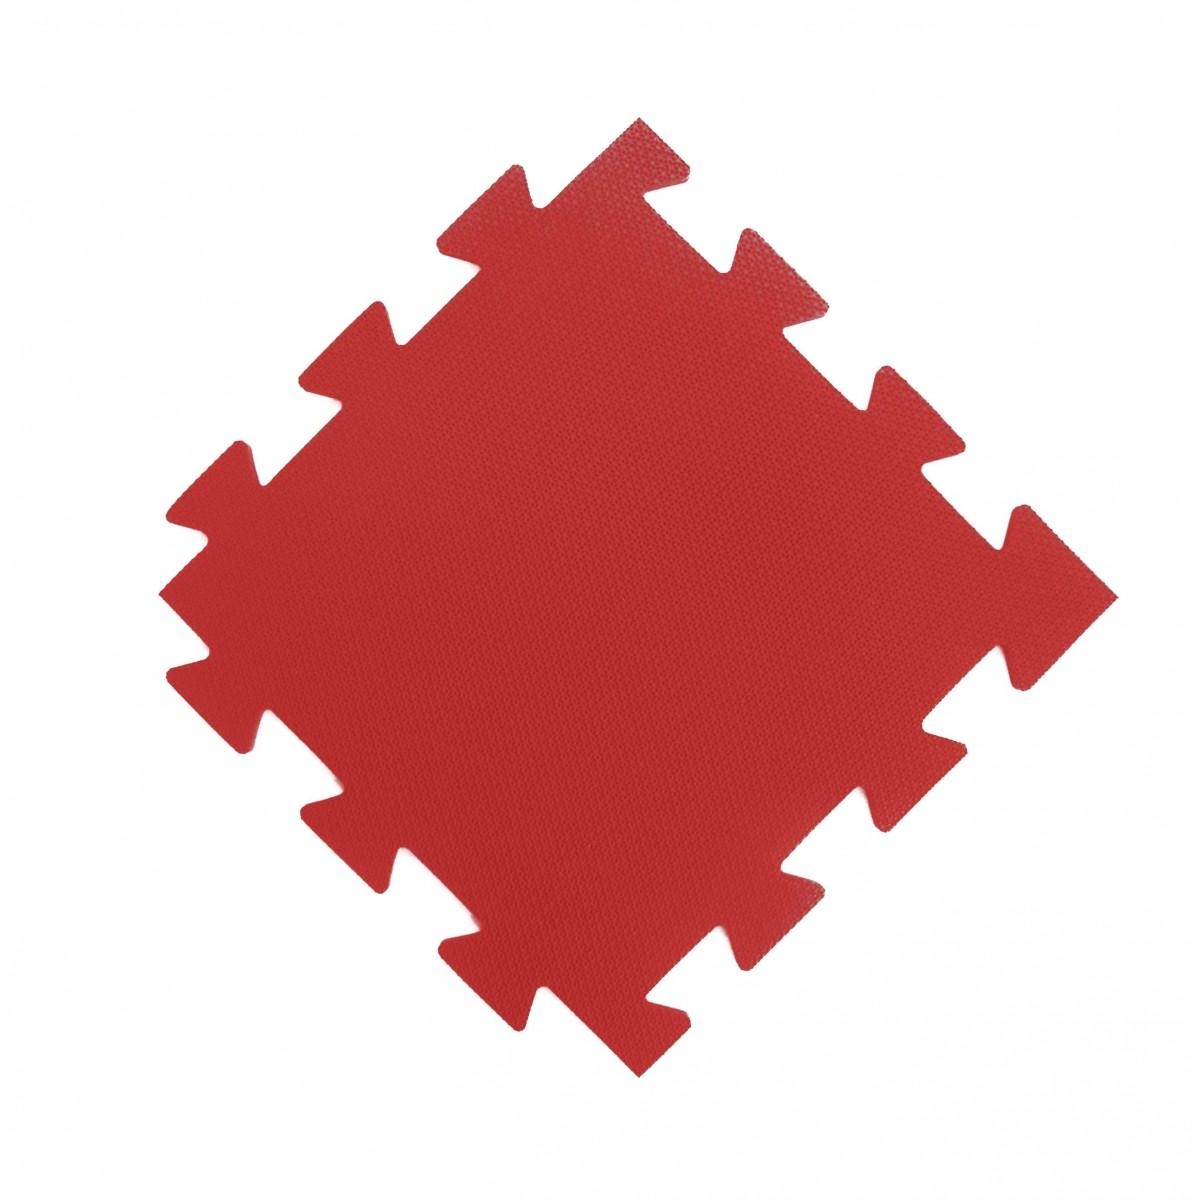 Tatames 50x50cm Com 10mm de Espessura   Vermelho  -